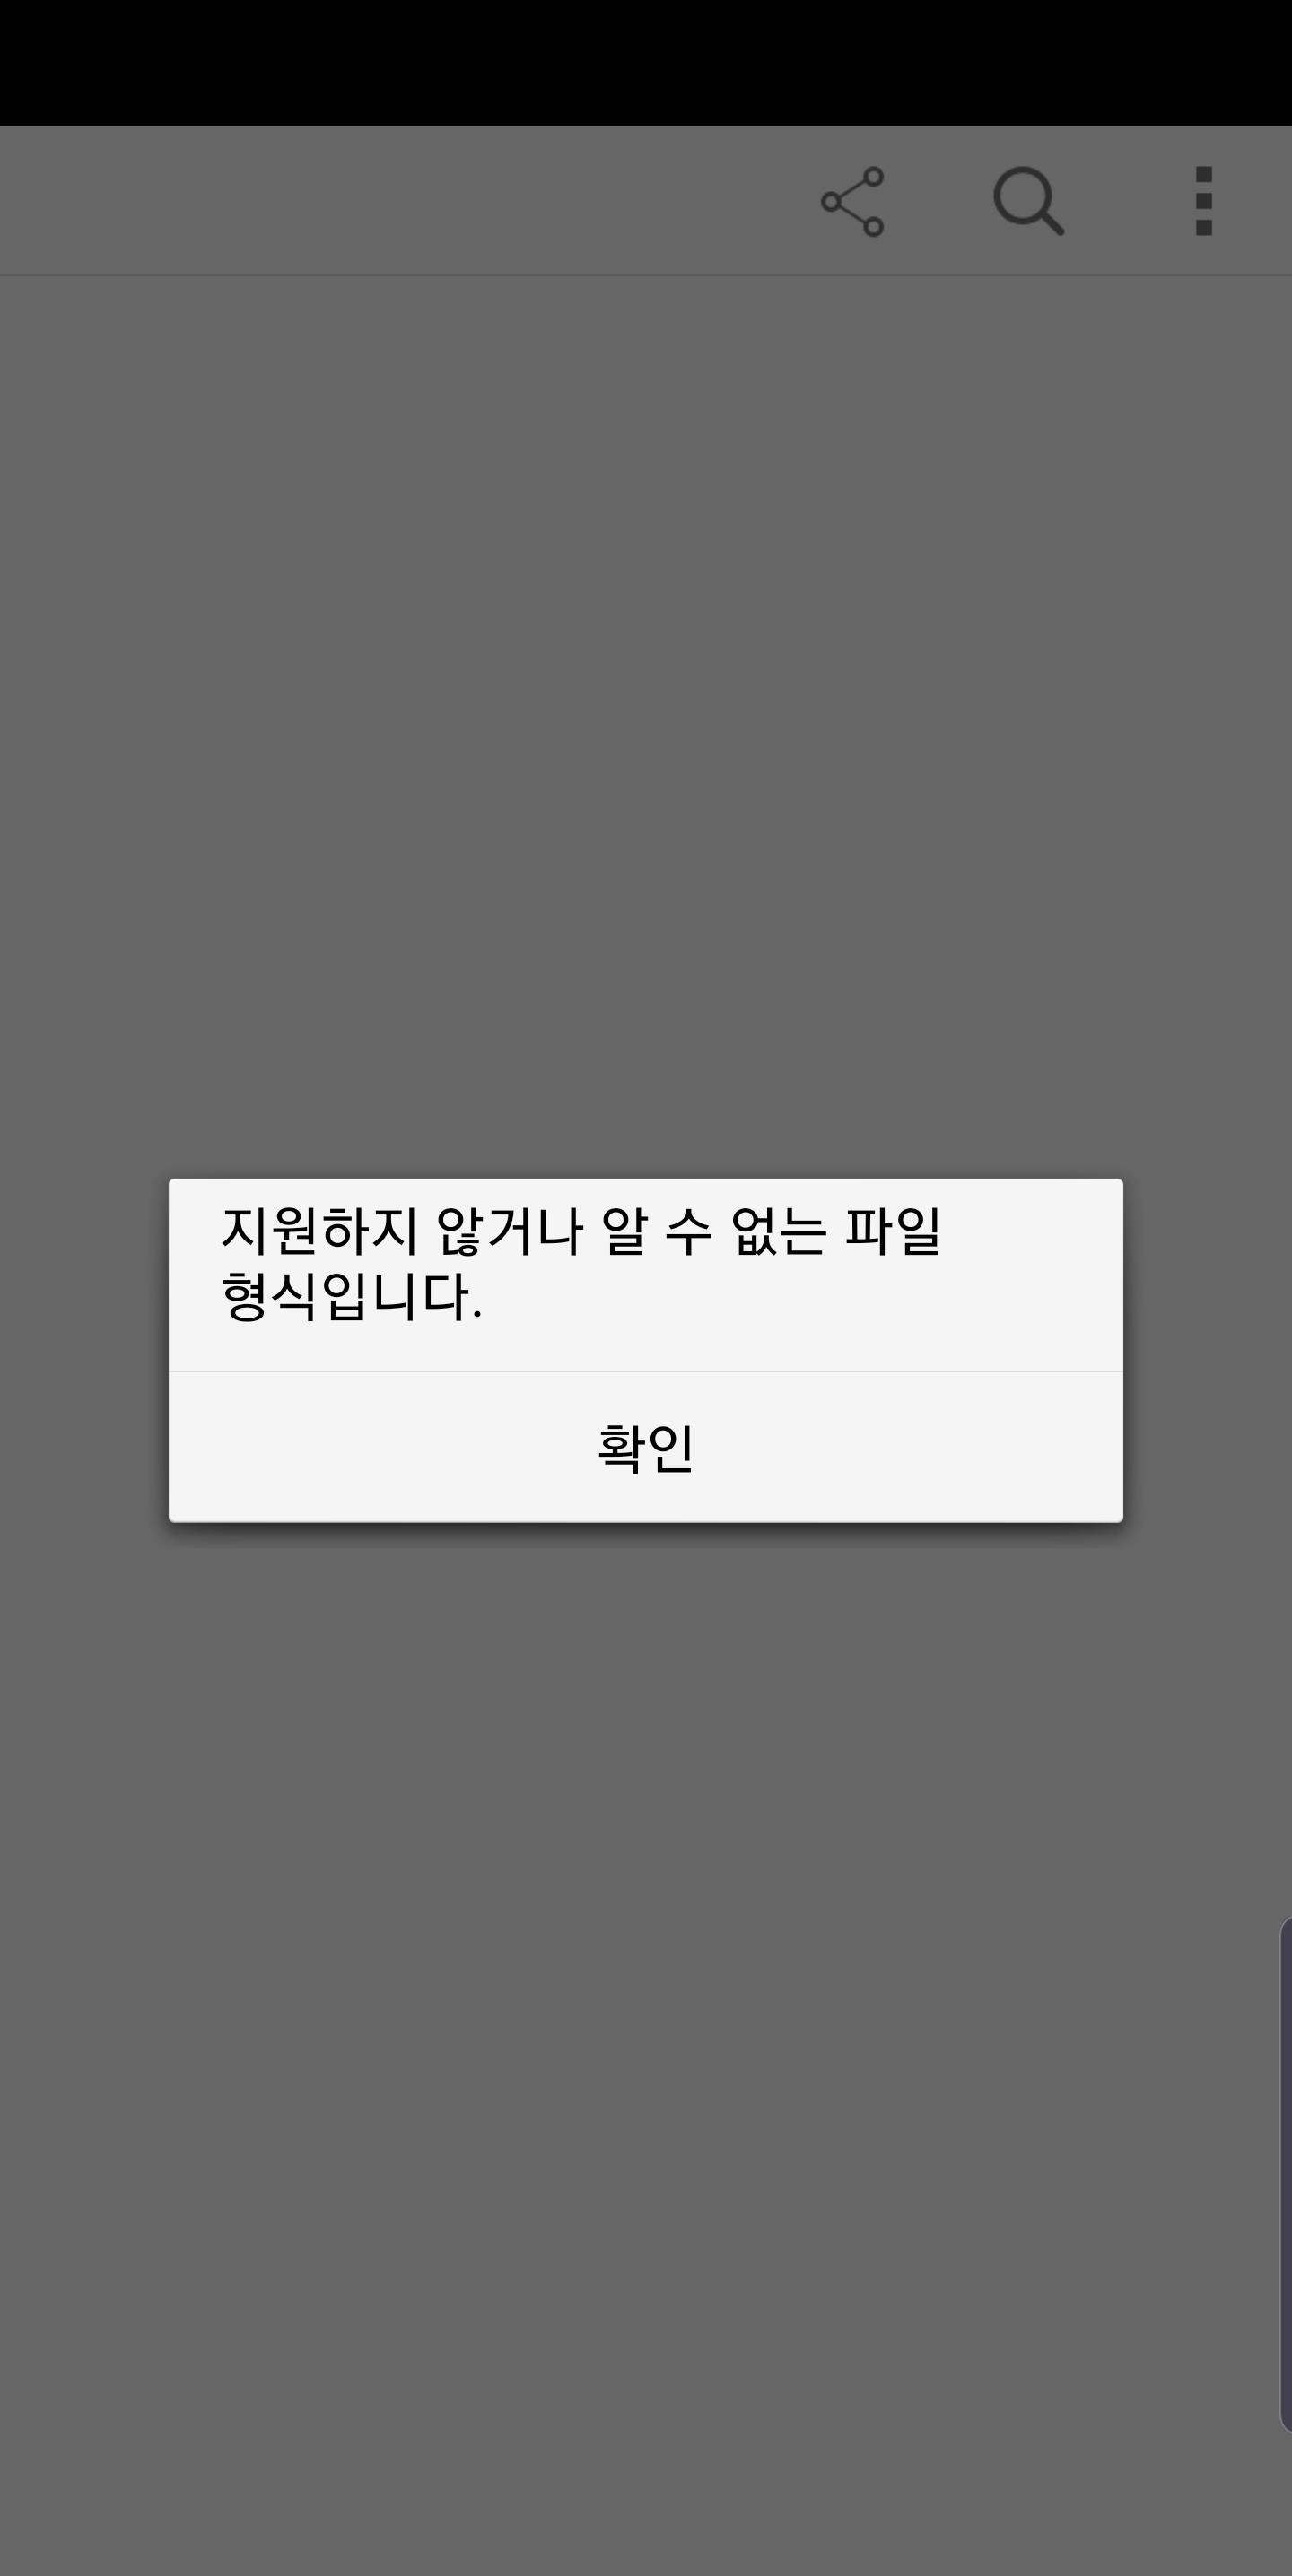 HWP 문서 갤S10 5G 최신폰에서도열기 힘들다.